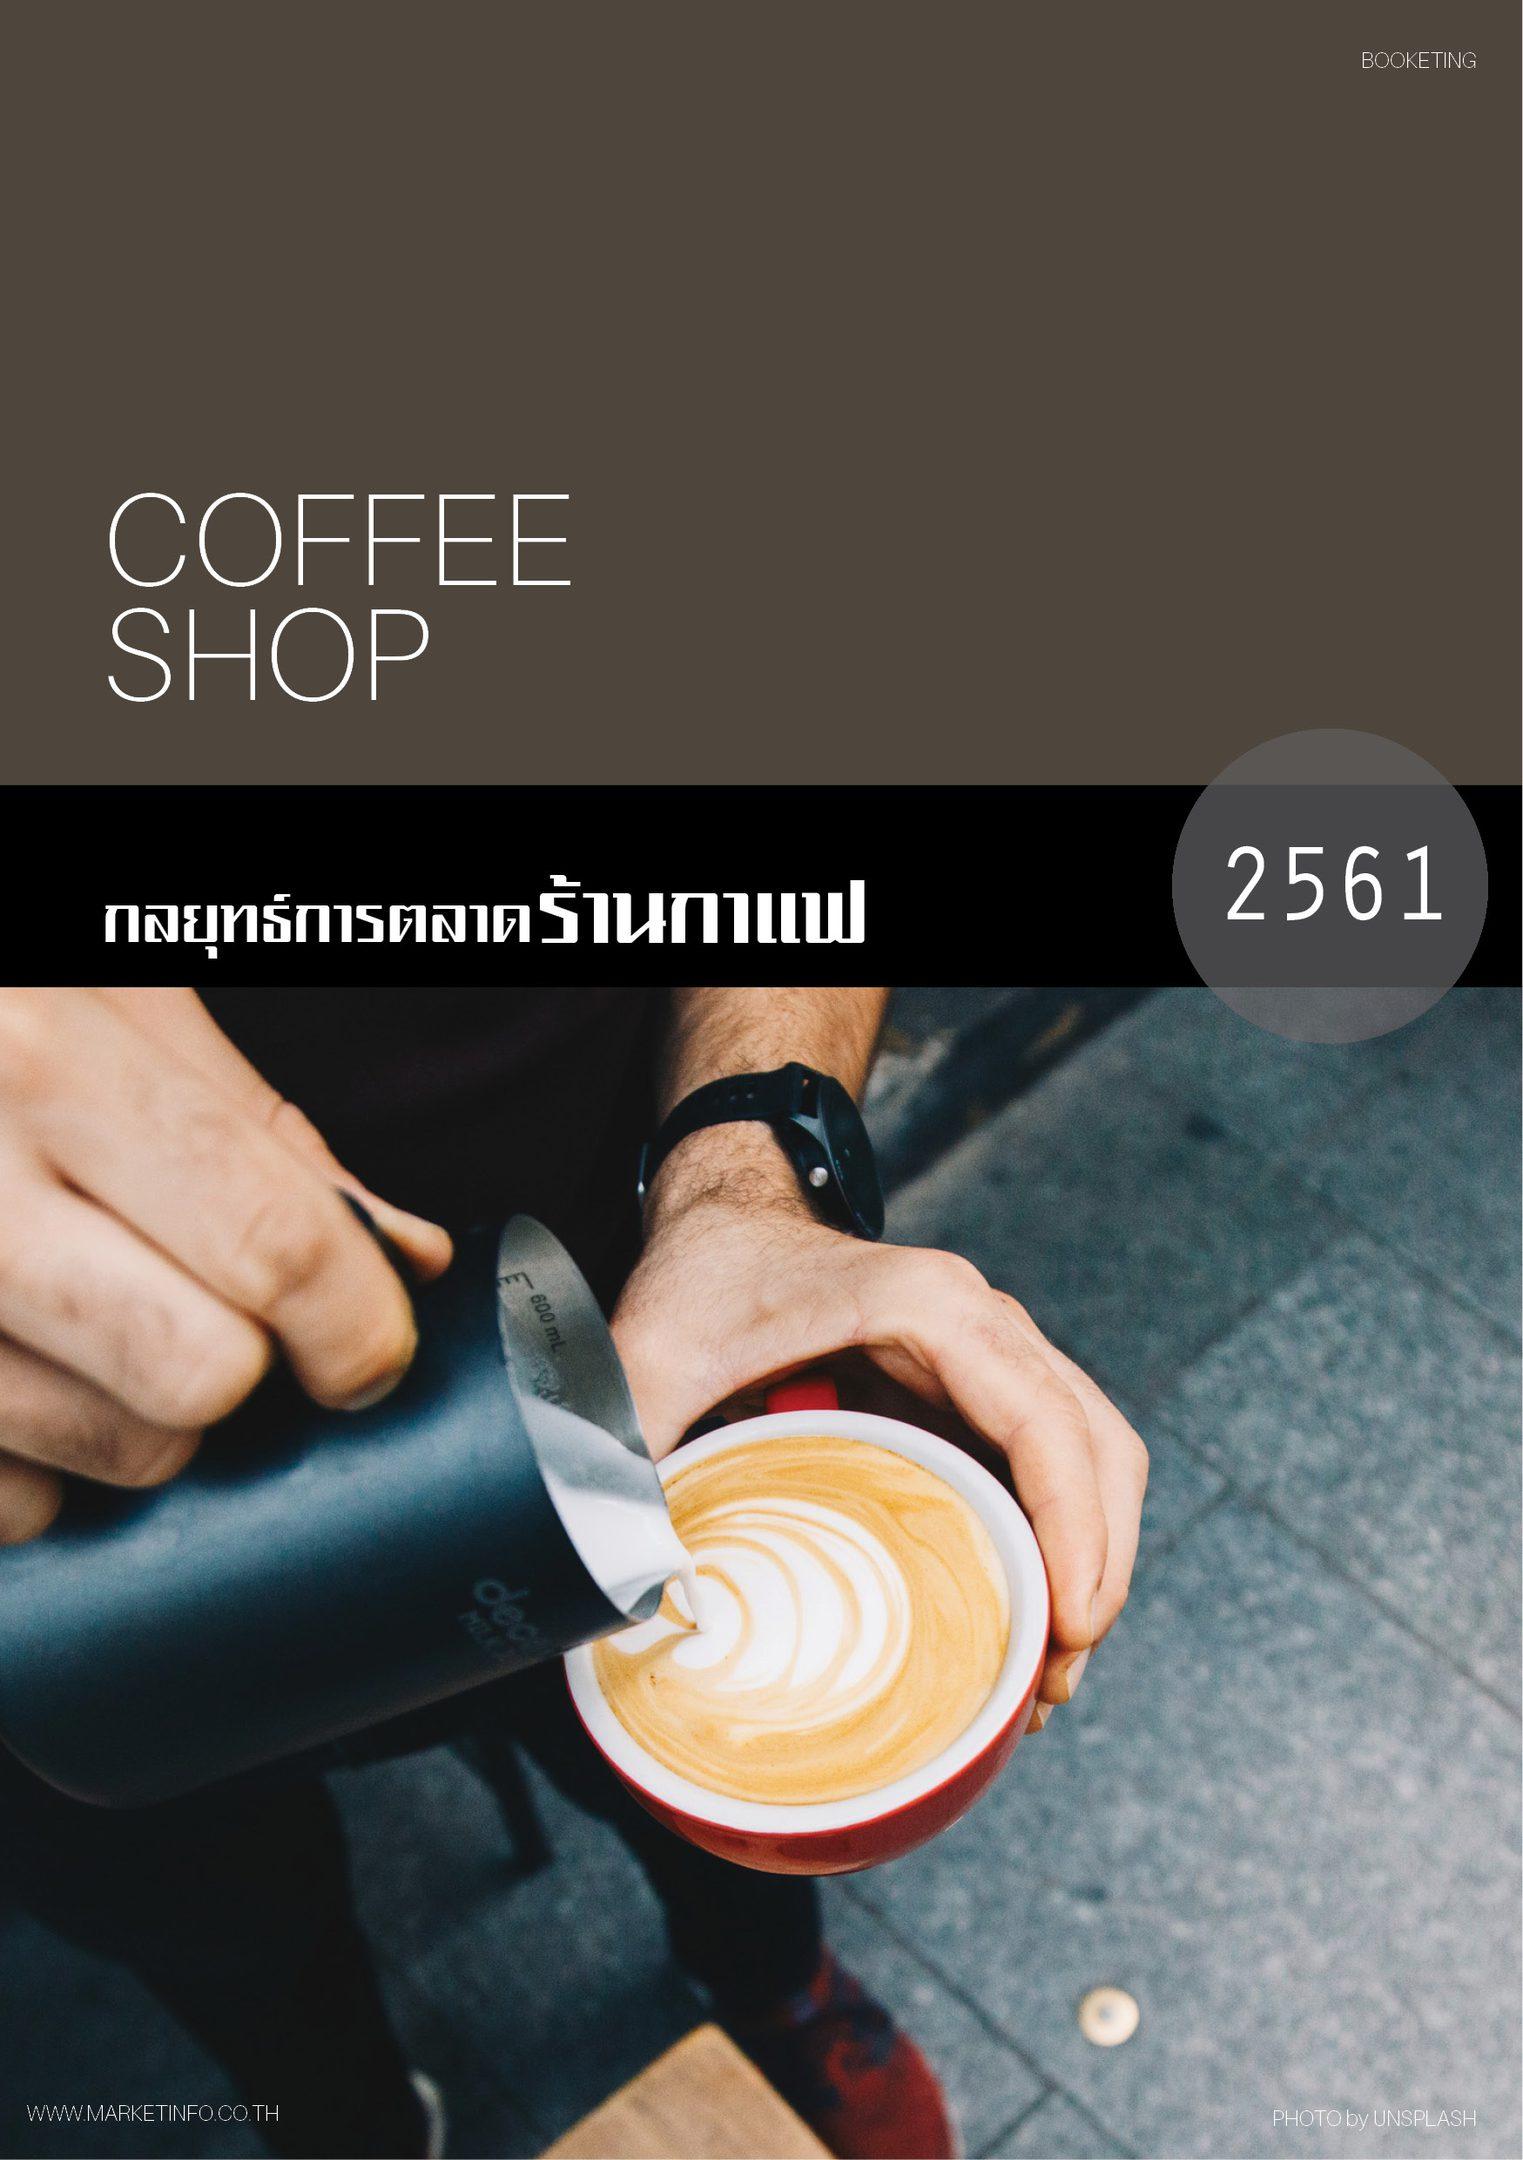 E-BOOK กลยุทธ์การตลาด ธุรกิจร้านกาแฟ ปี 2561